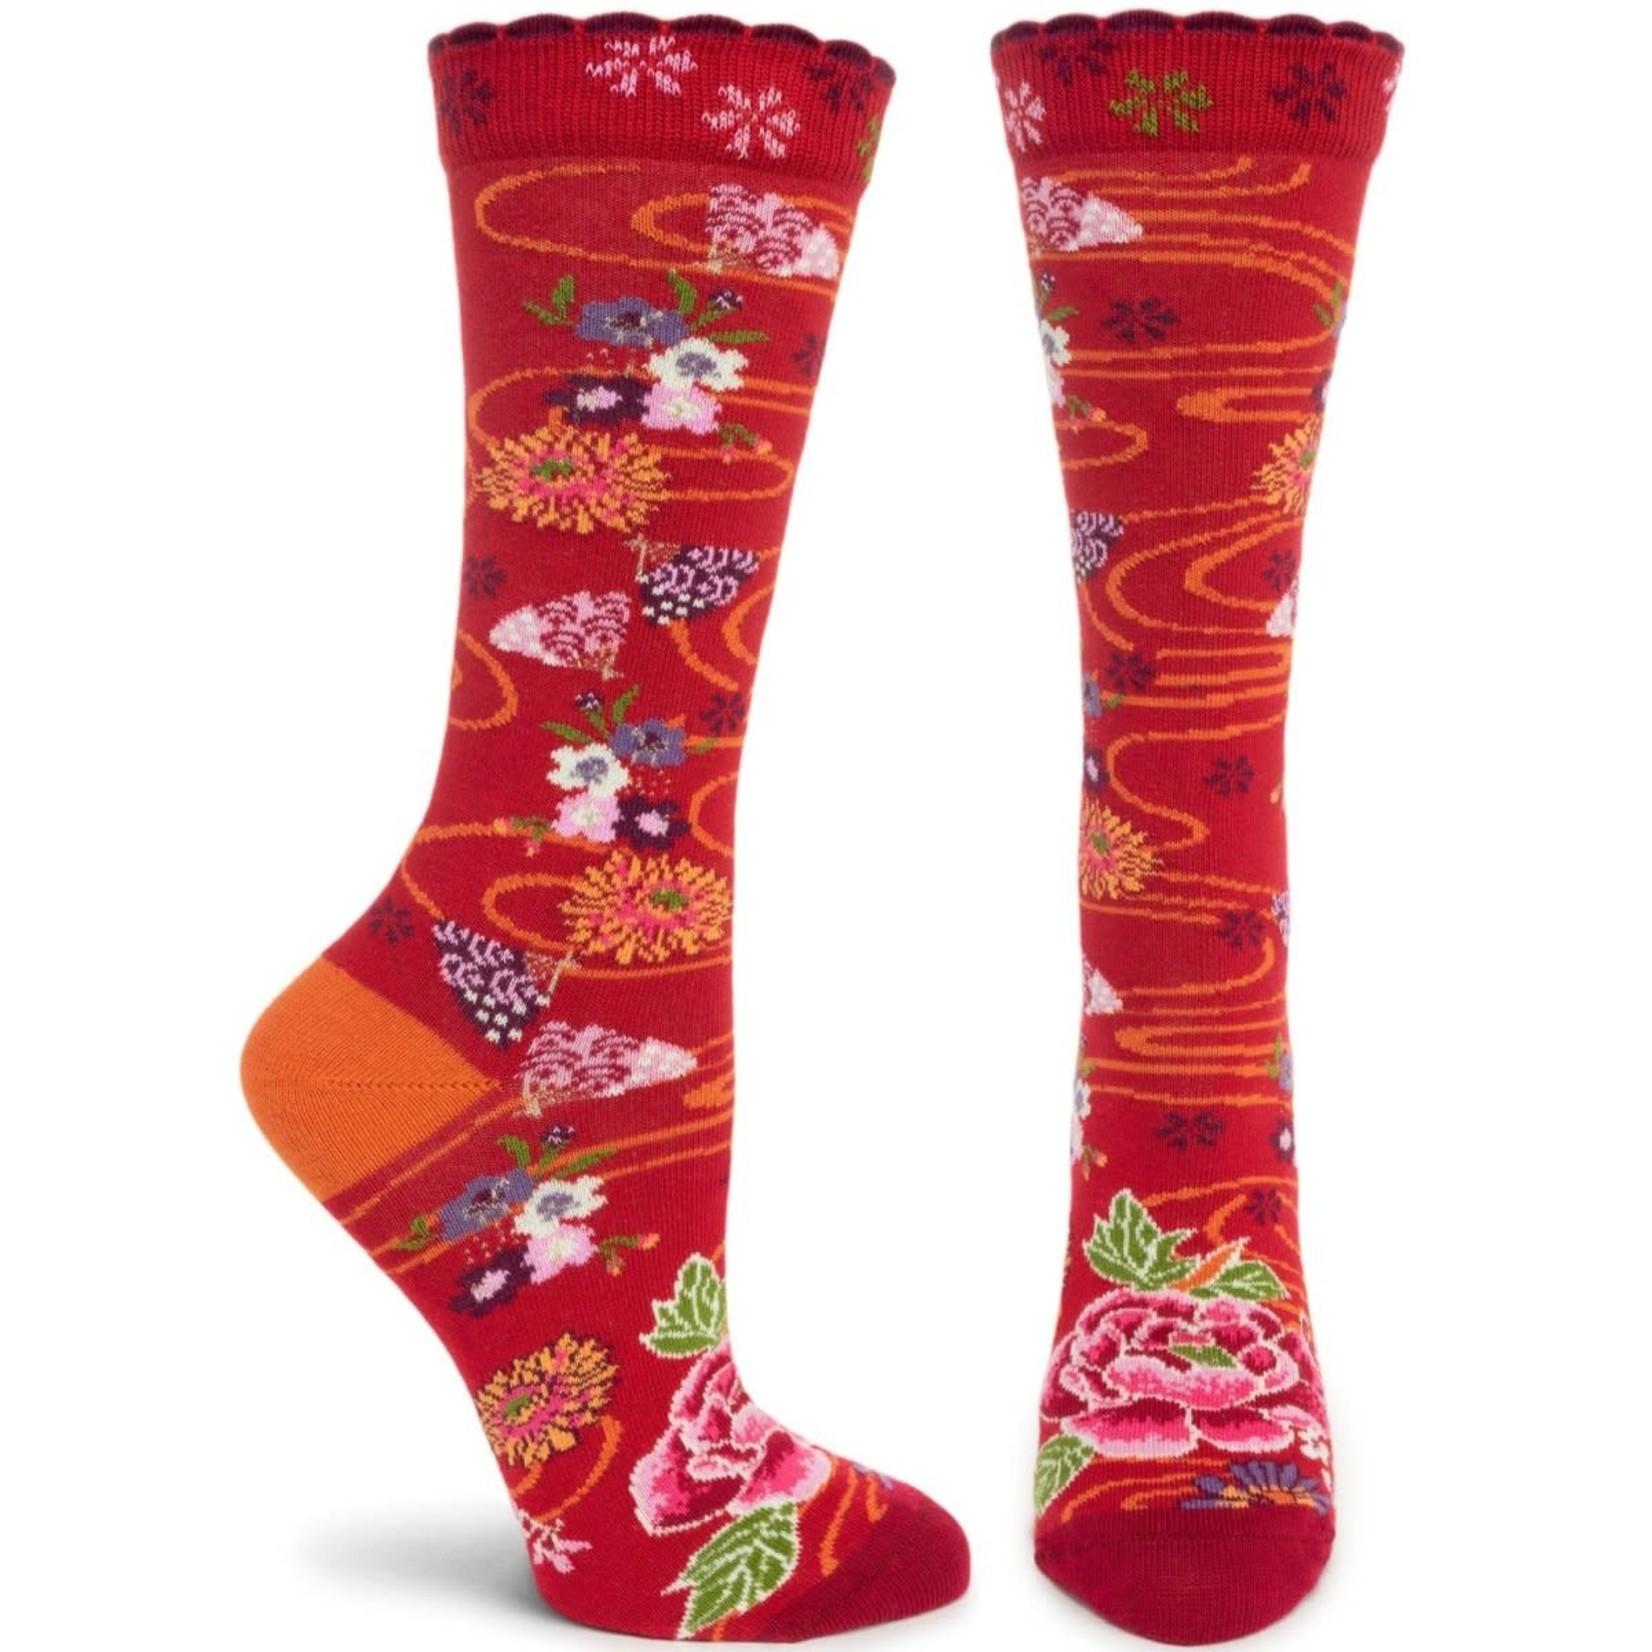 Ozone Socks Lotus Fans Socks in Red